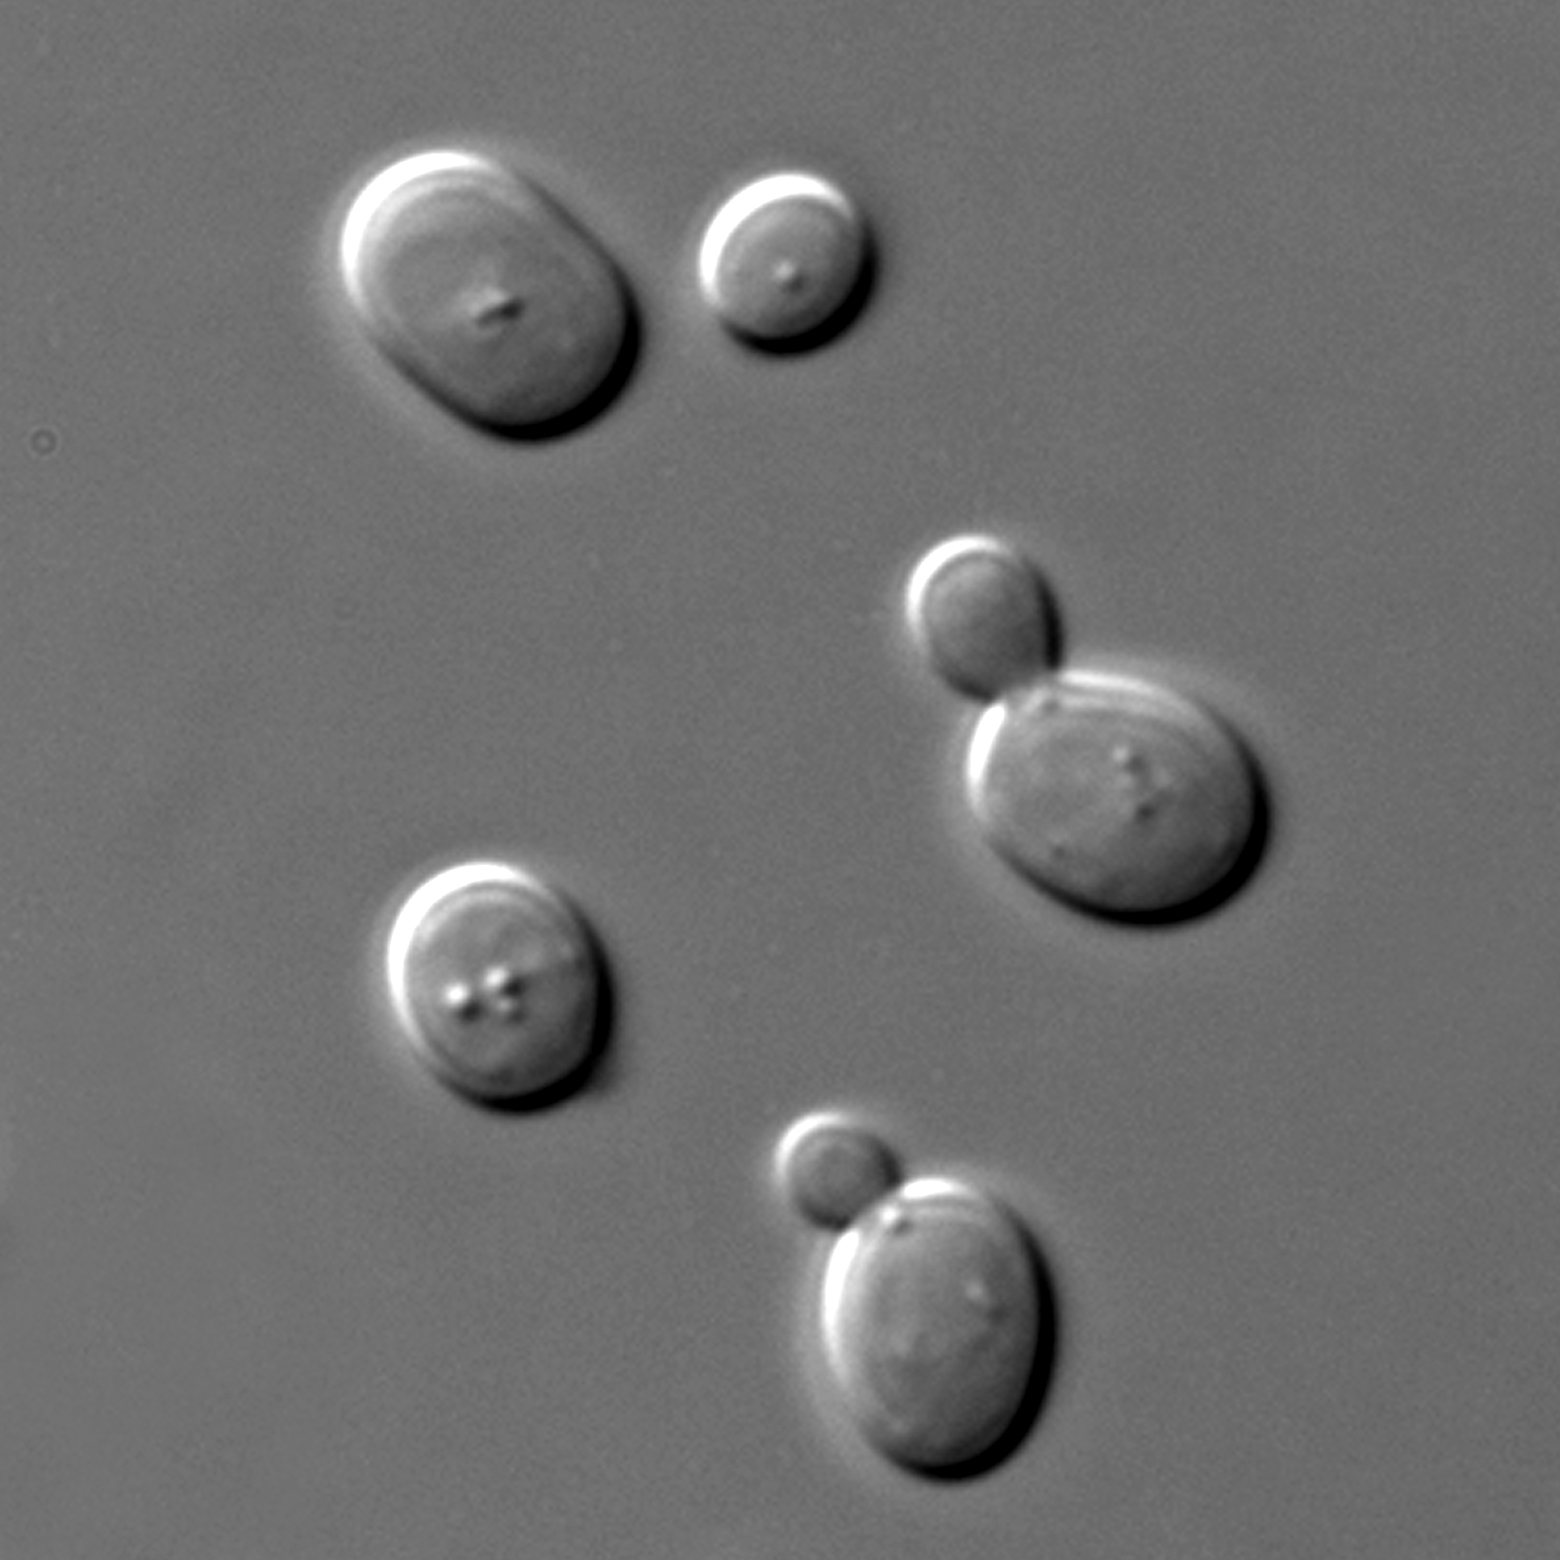 顯微鏡下的酵母菌, 90 分鐘即可產生一個世代,非常適合進行演化實驗。圖│維基百科